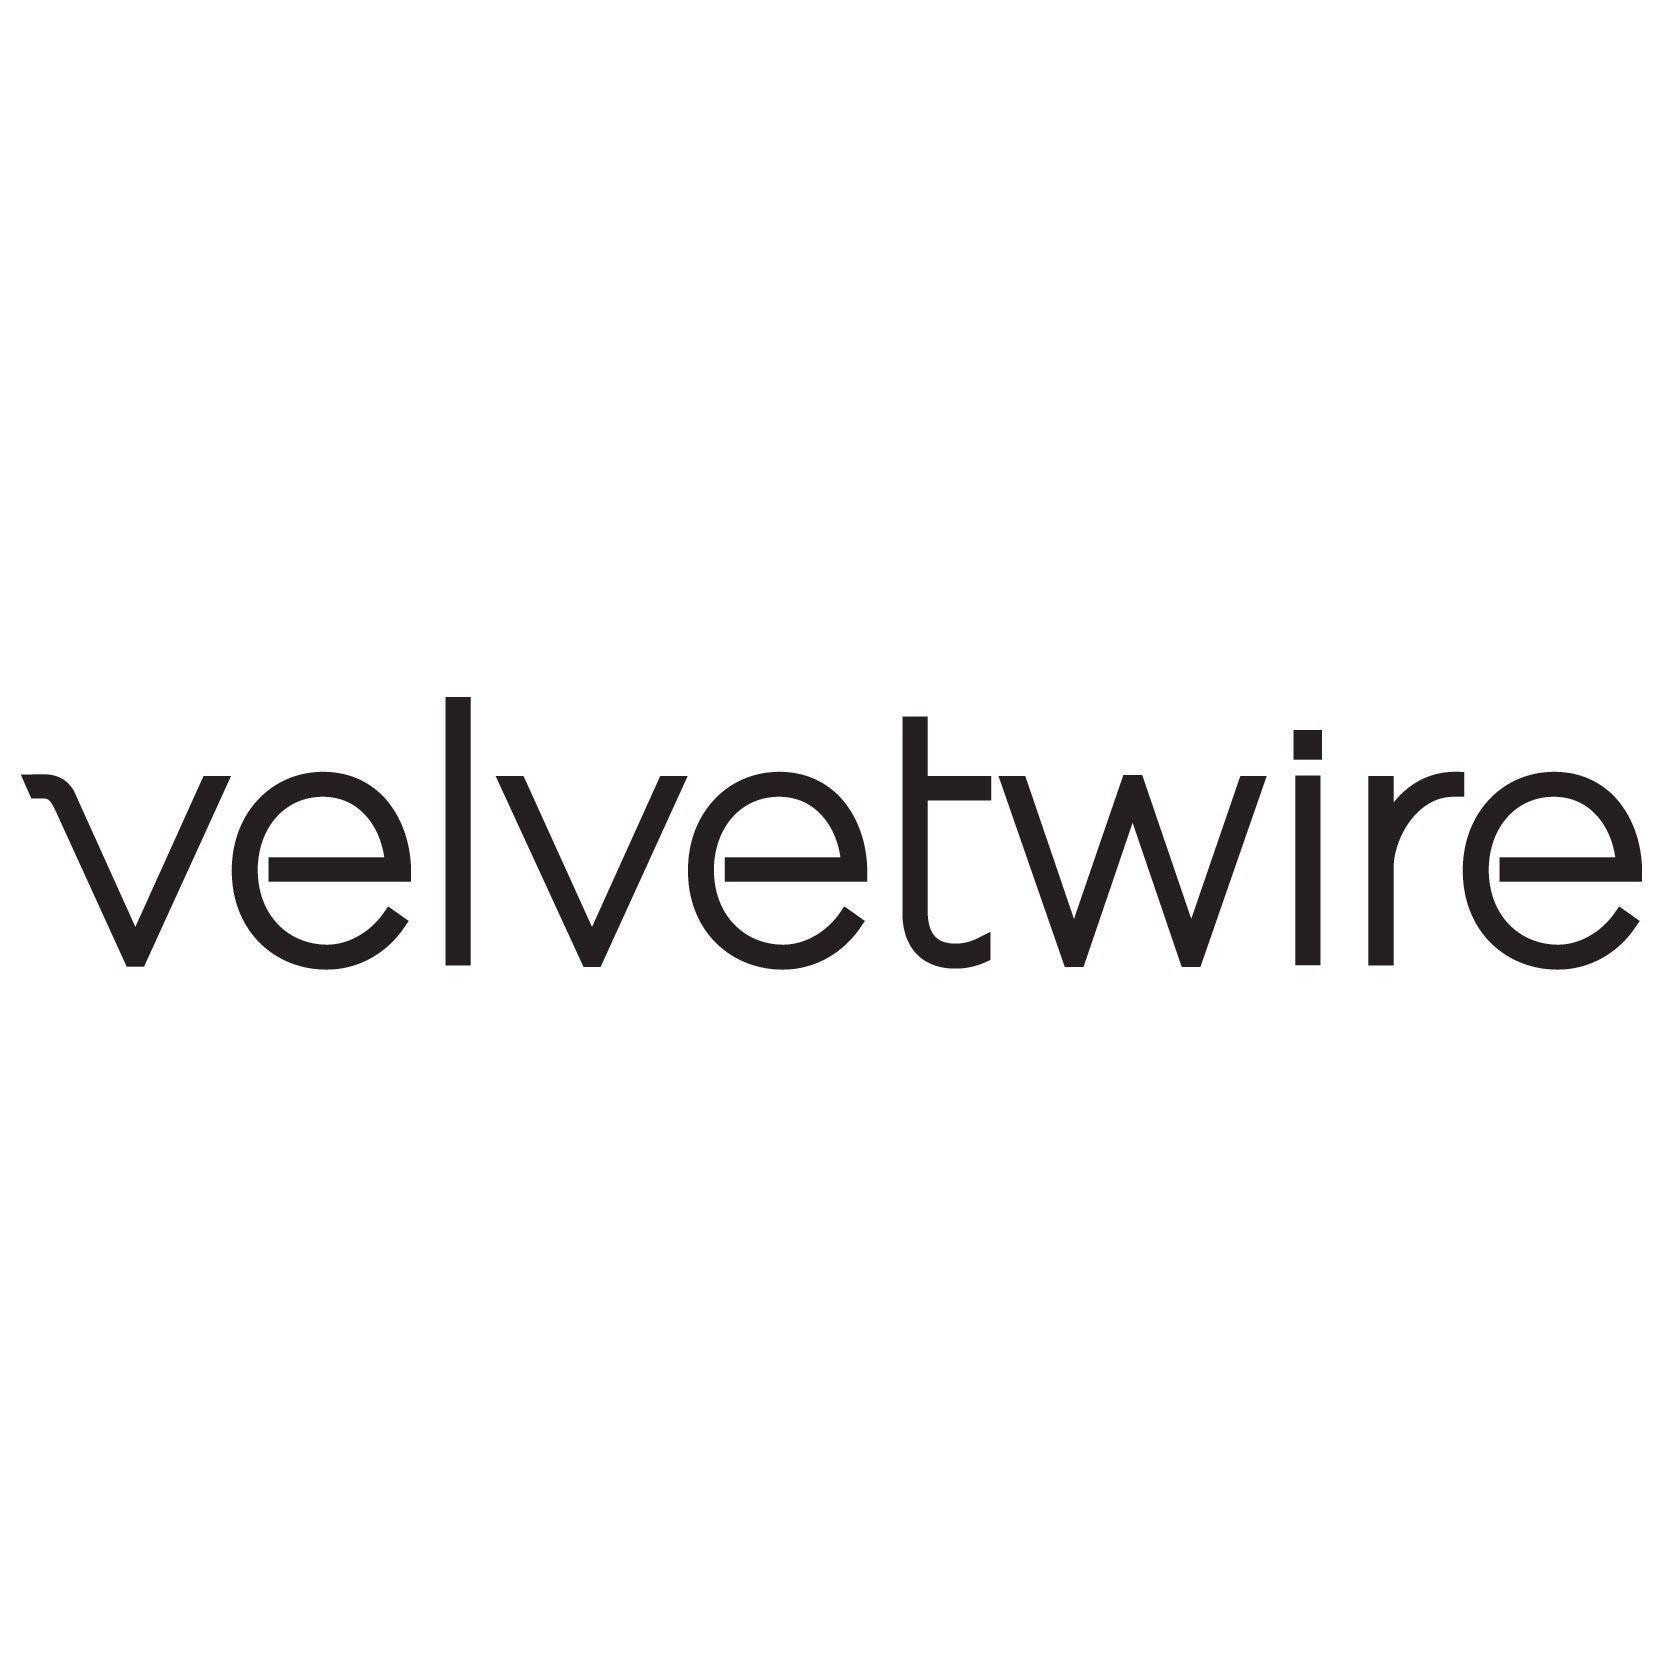 Velvetwire